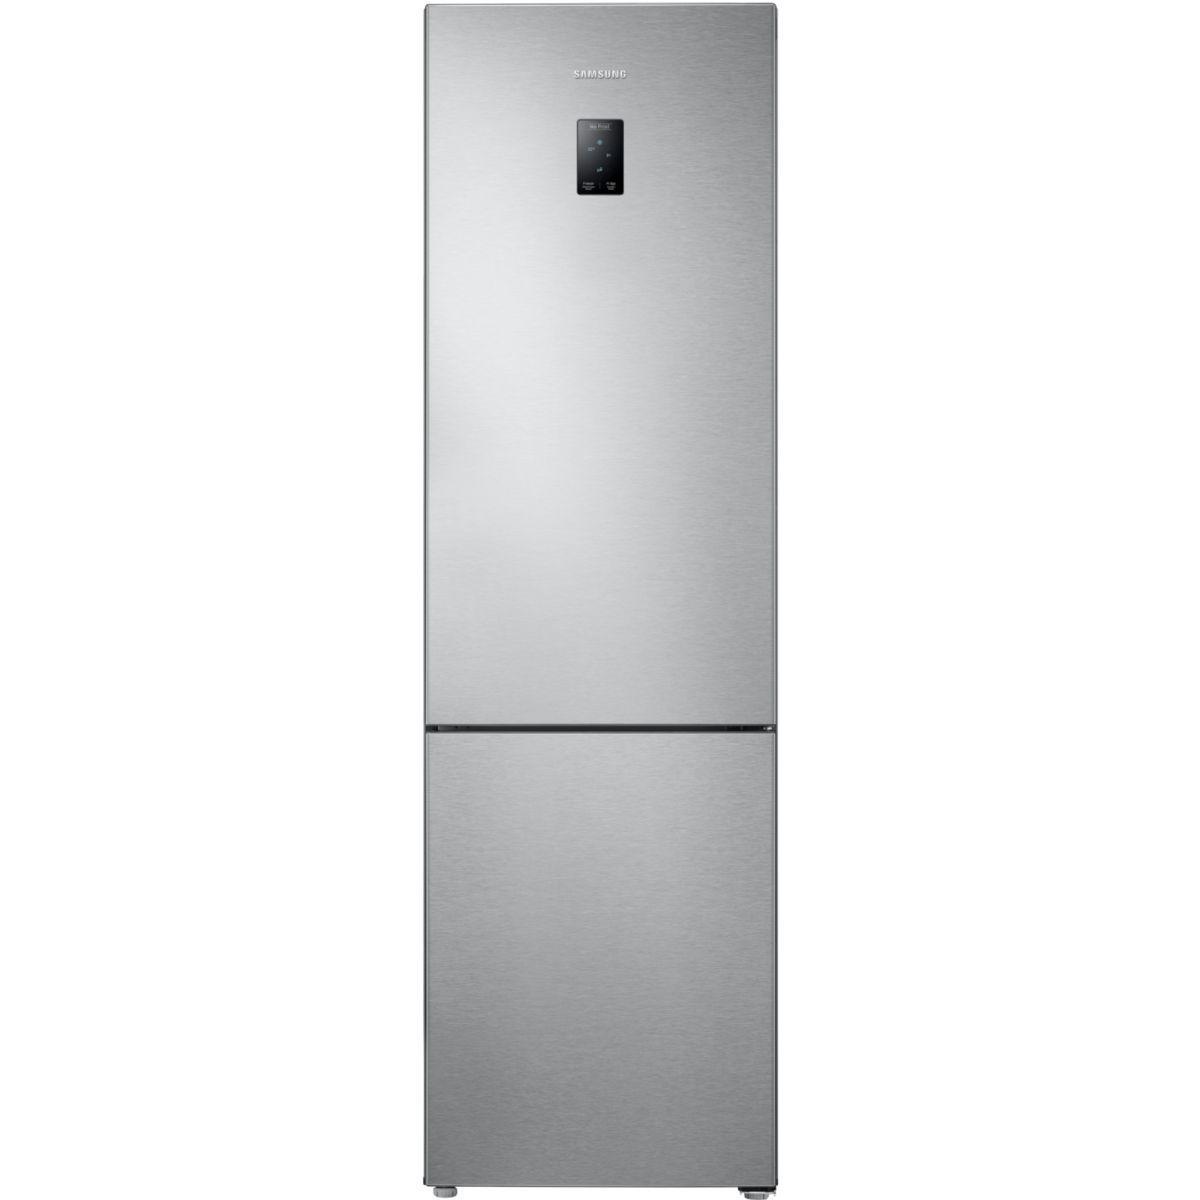 Réfrigérateur congélateur en bas samsung rb3ej5200sa - 2% de remise : code gam2 (photo)